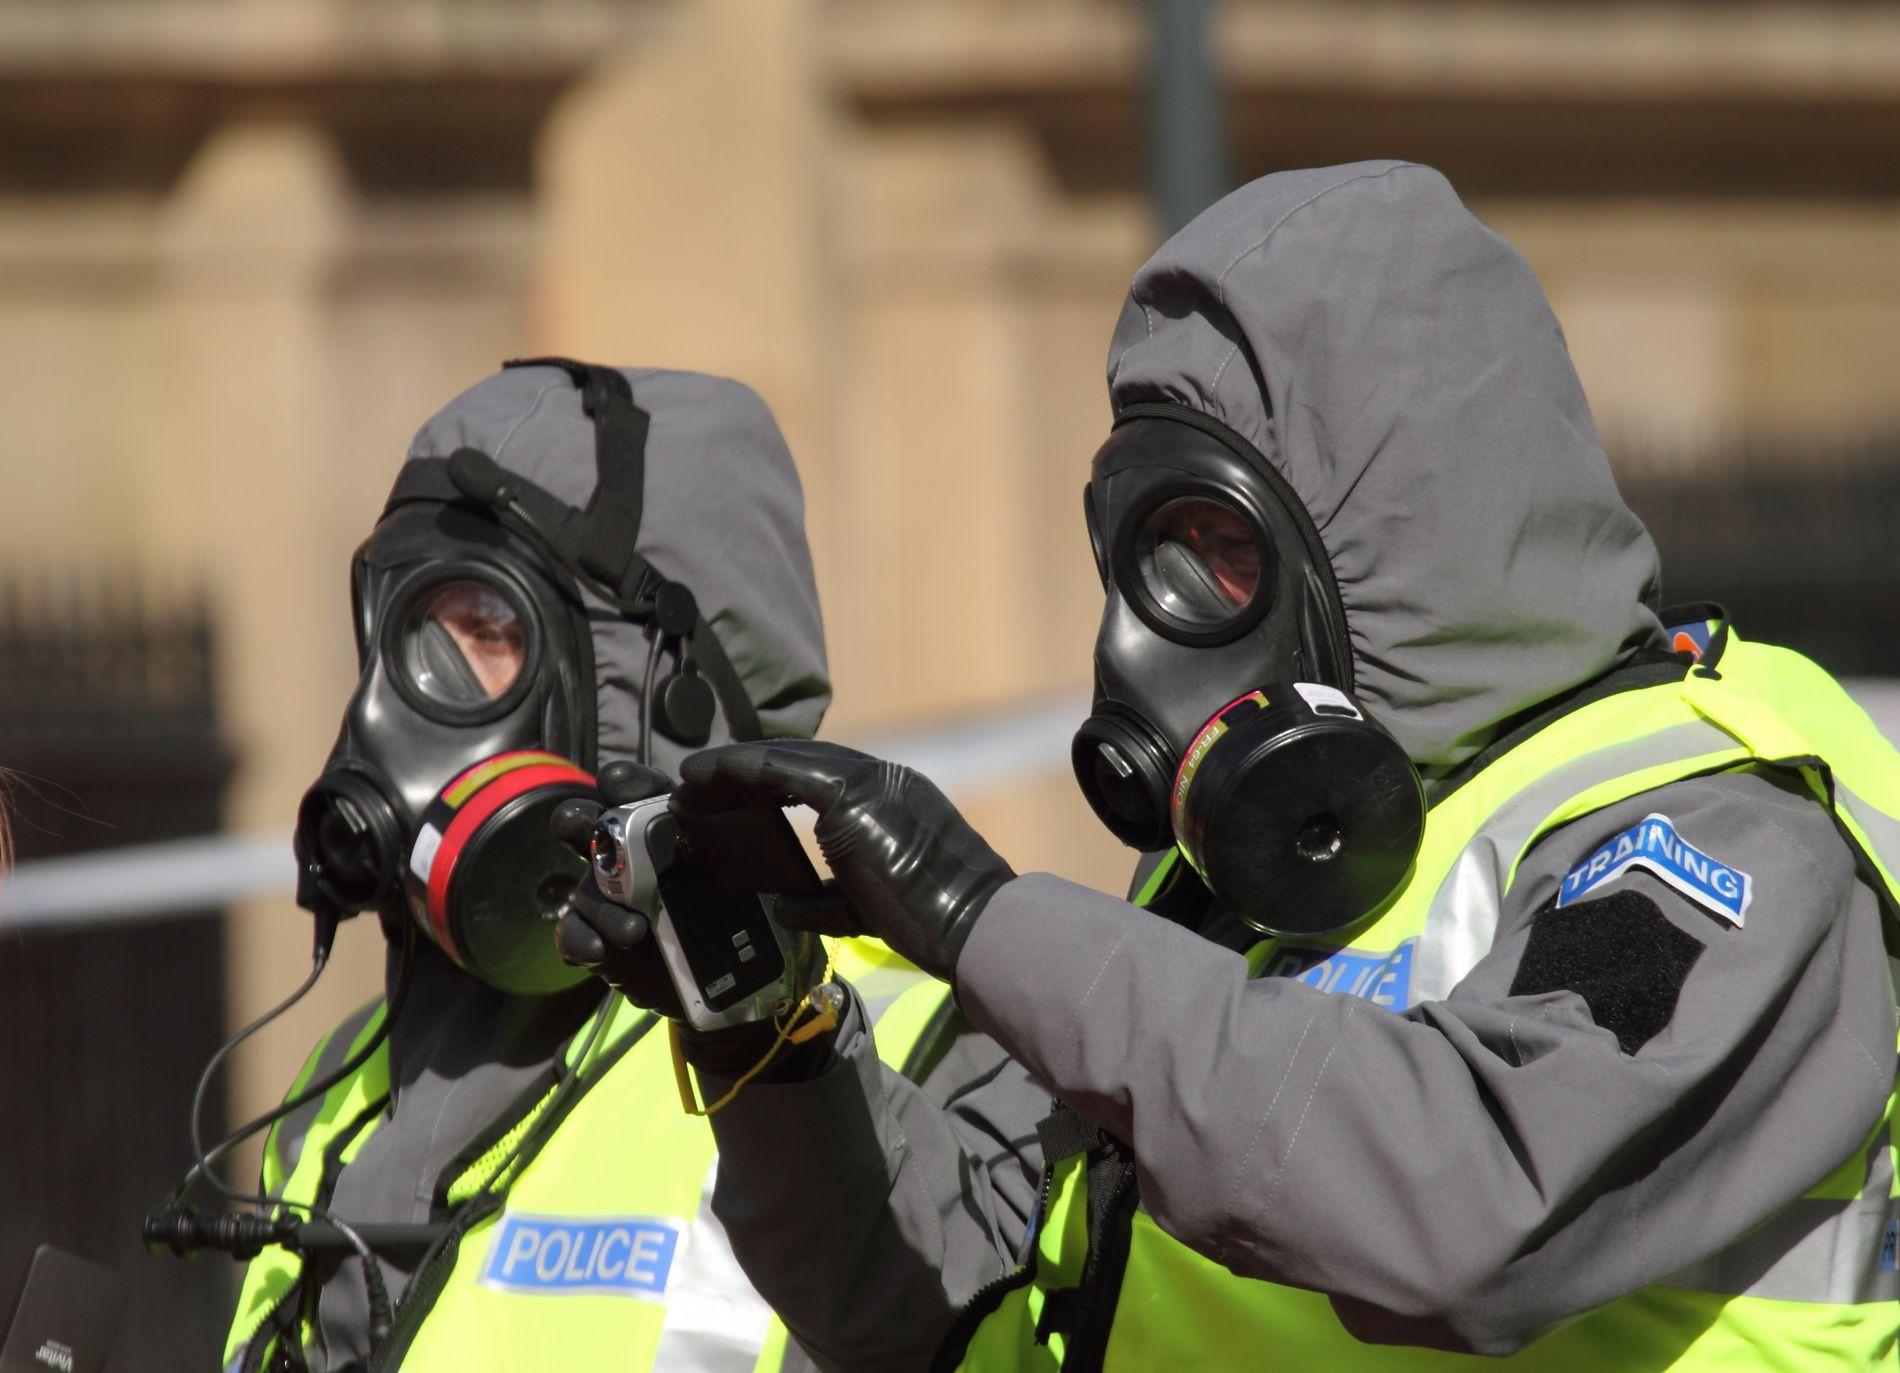 Militære og politi i beskyttelsesdrakter ville blitt et vanlig syn ved et utbrudd. Bilde: Shutterstock